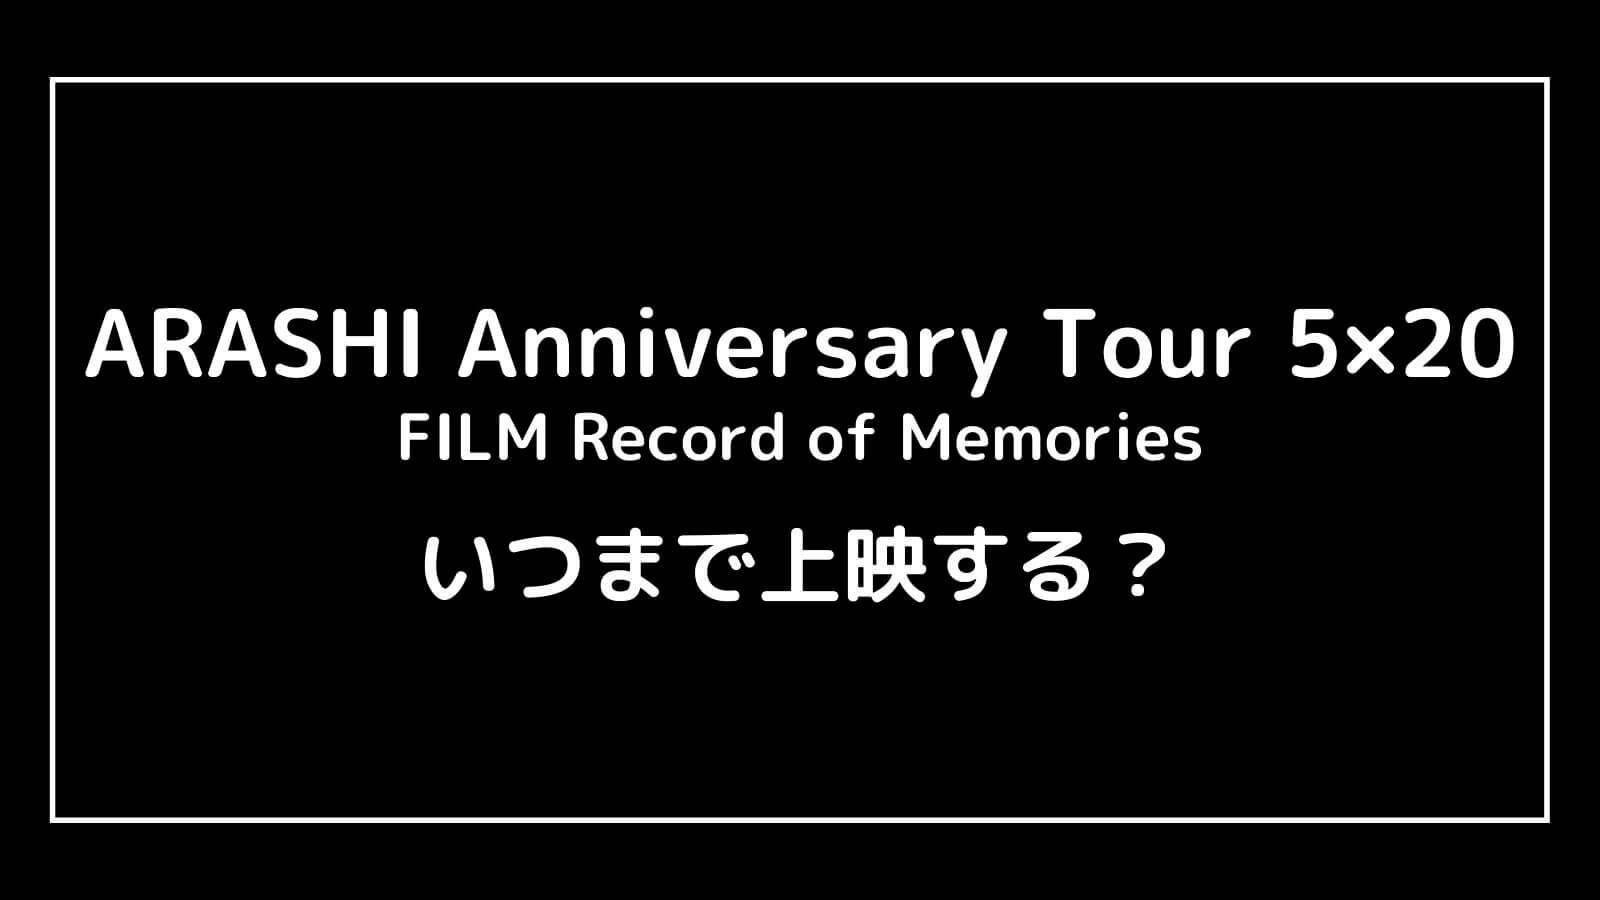 映画『嵐 ARASHI Anniversary Tour 5×20』はいつまで上映するのか元映画館社員が予想!【FILM Record of Memories】